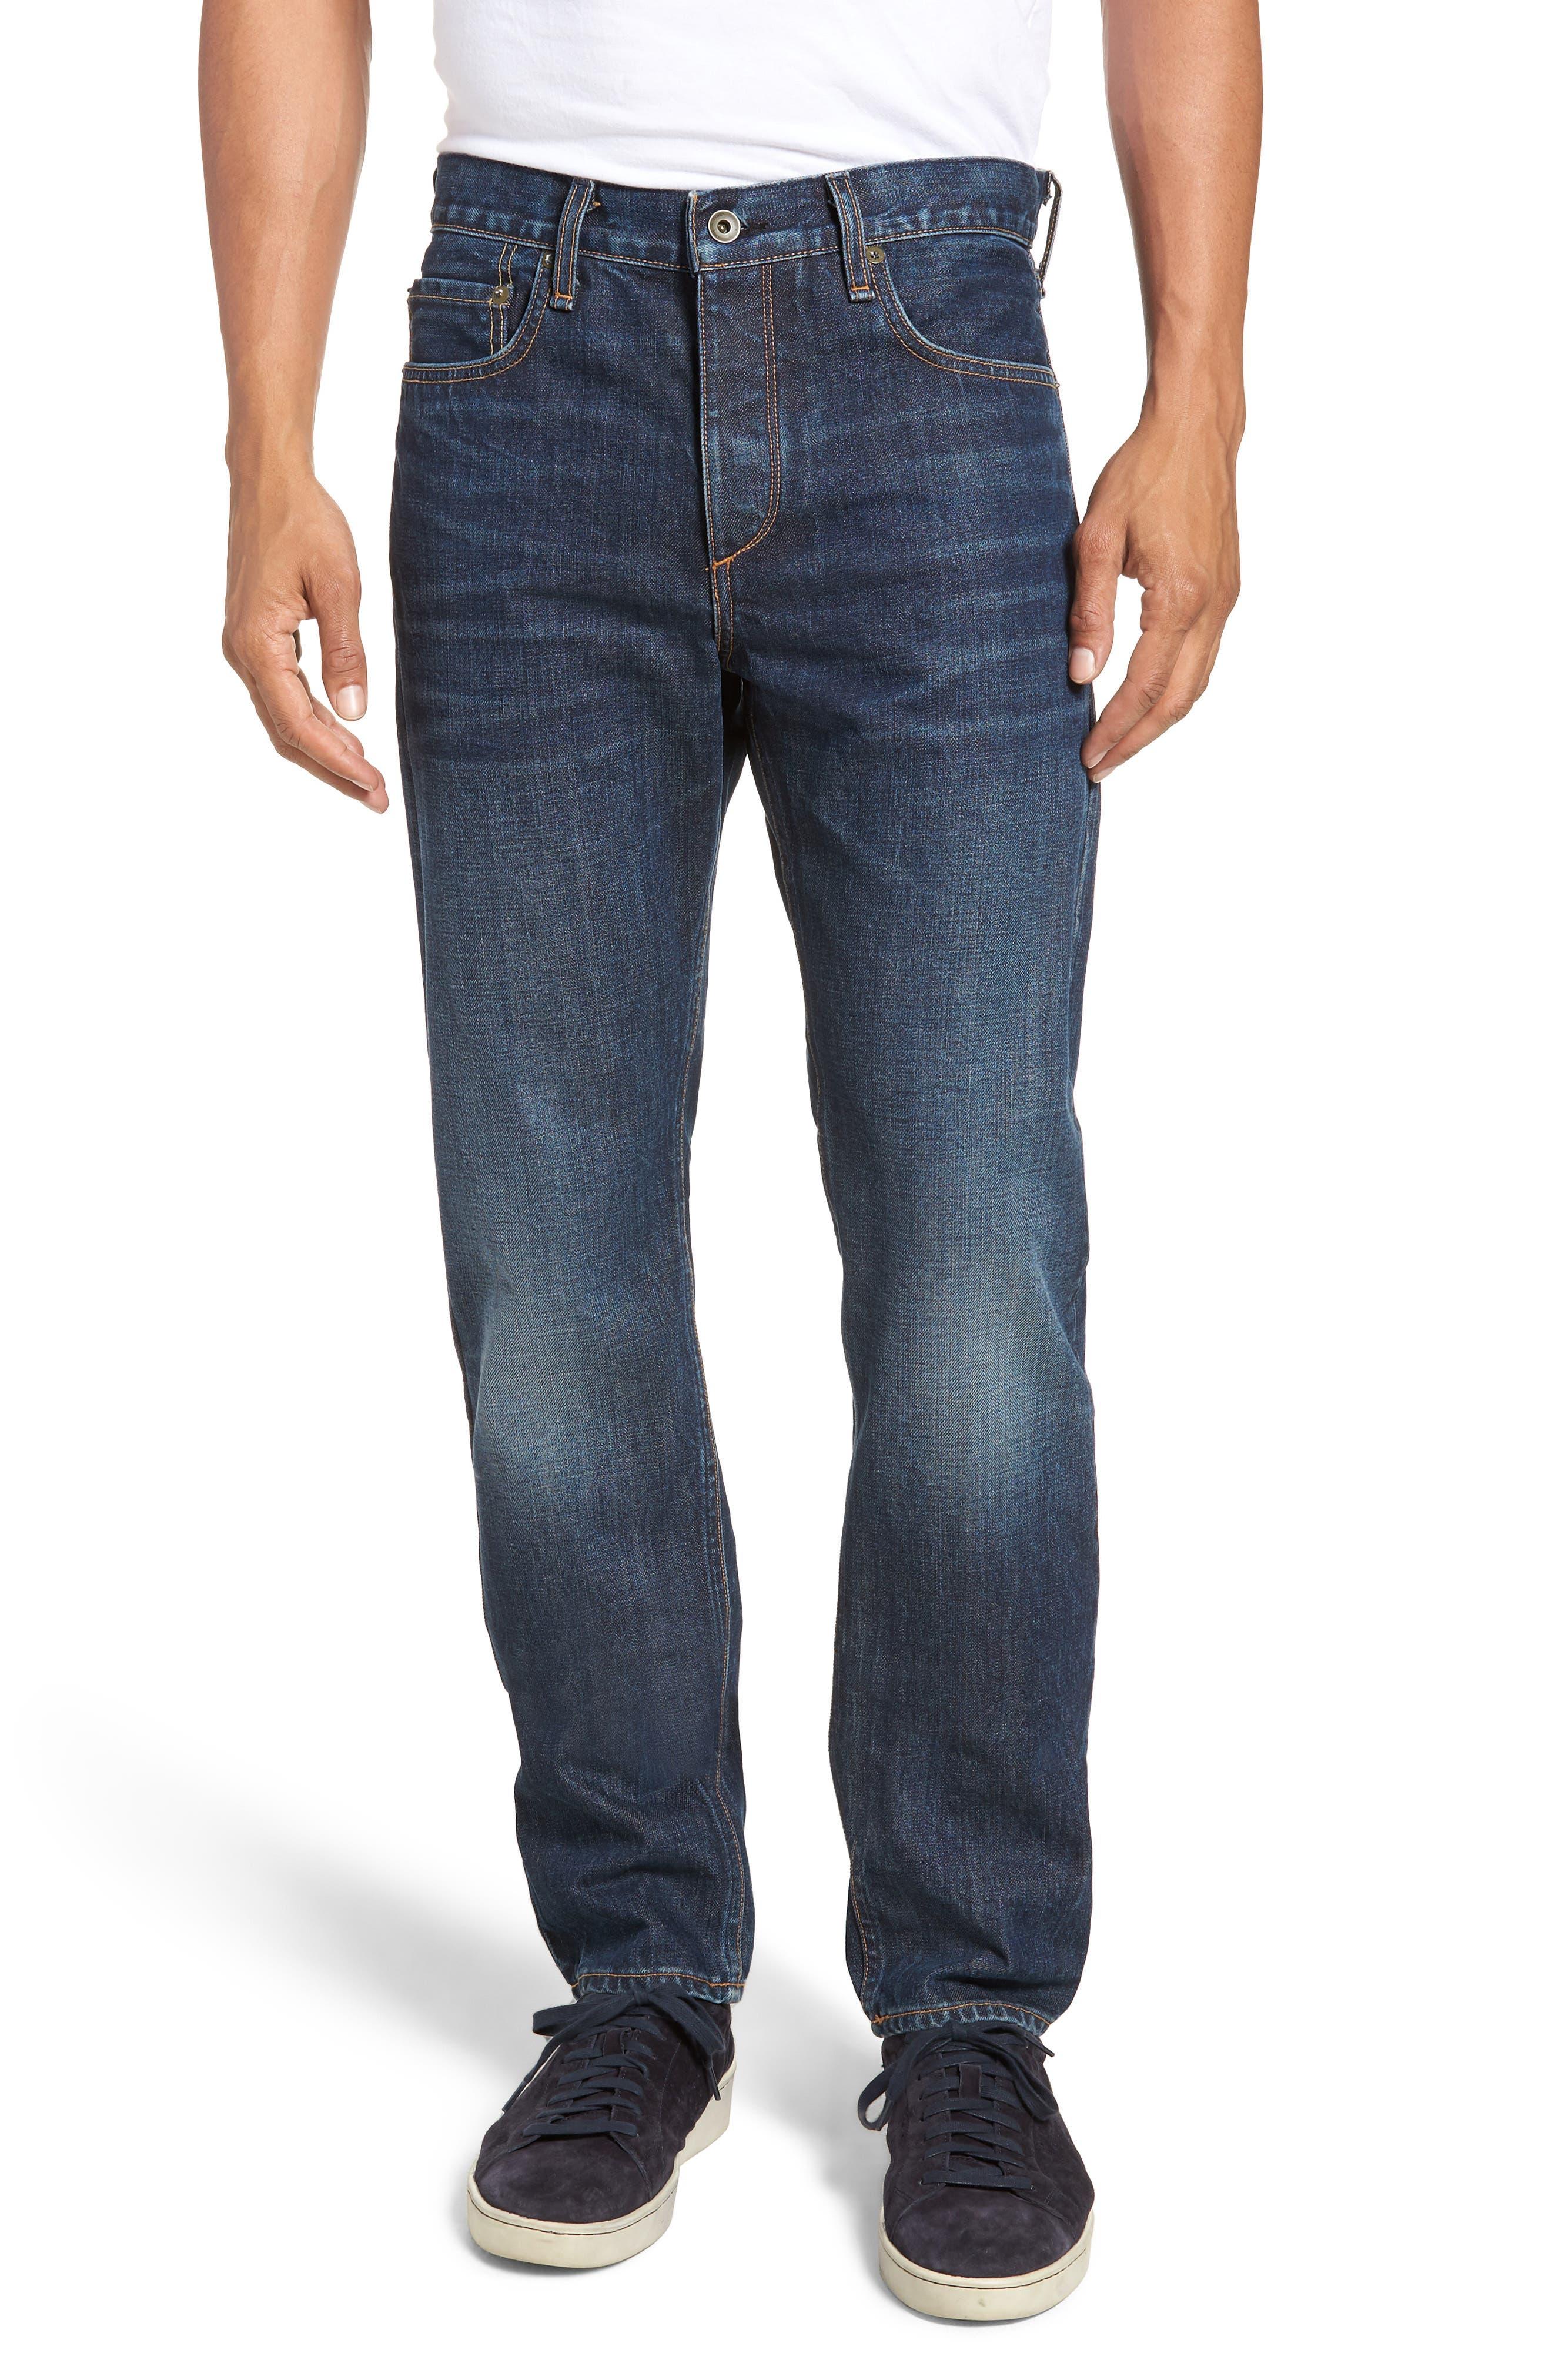 Fit 2 Slim Fit Jeans,                         Main,                         color, GLASTONBURY